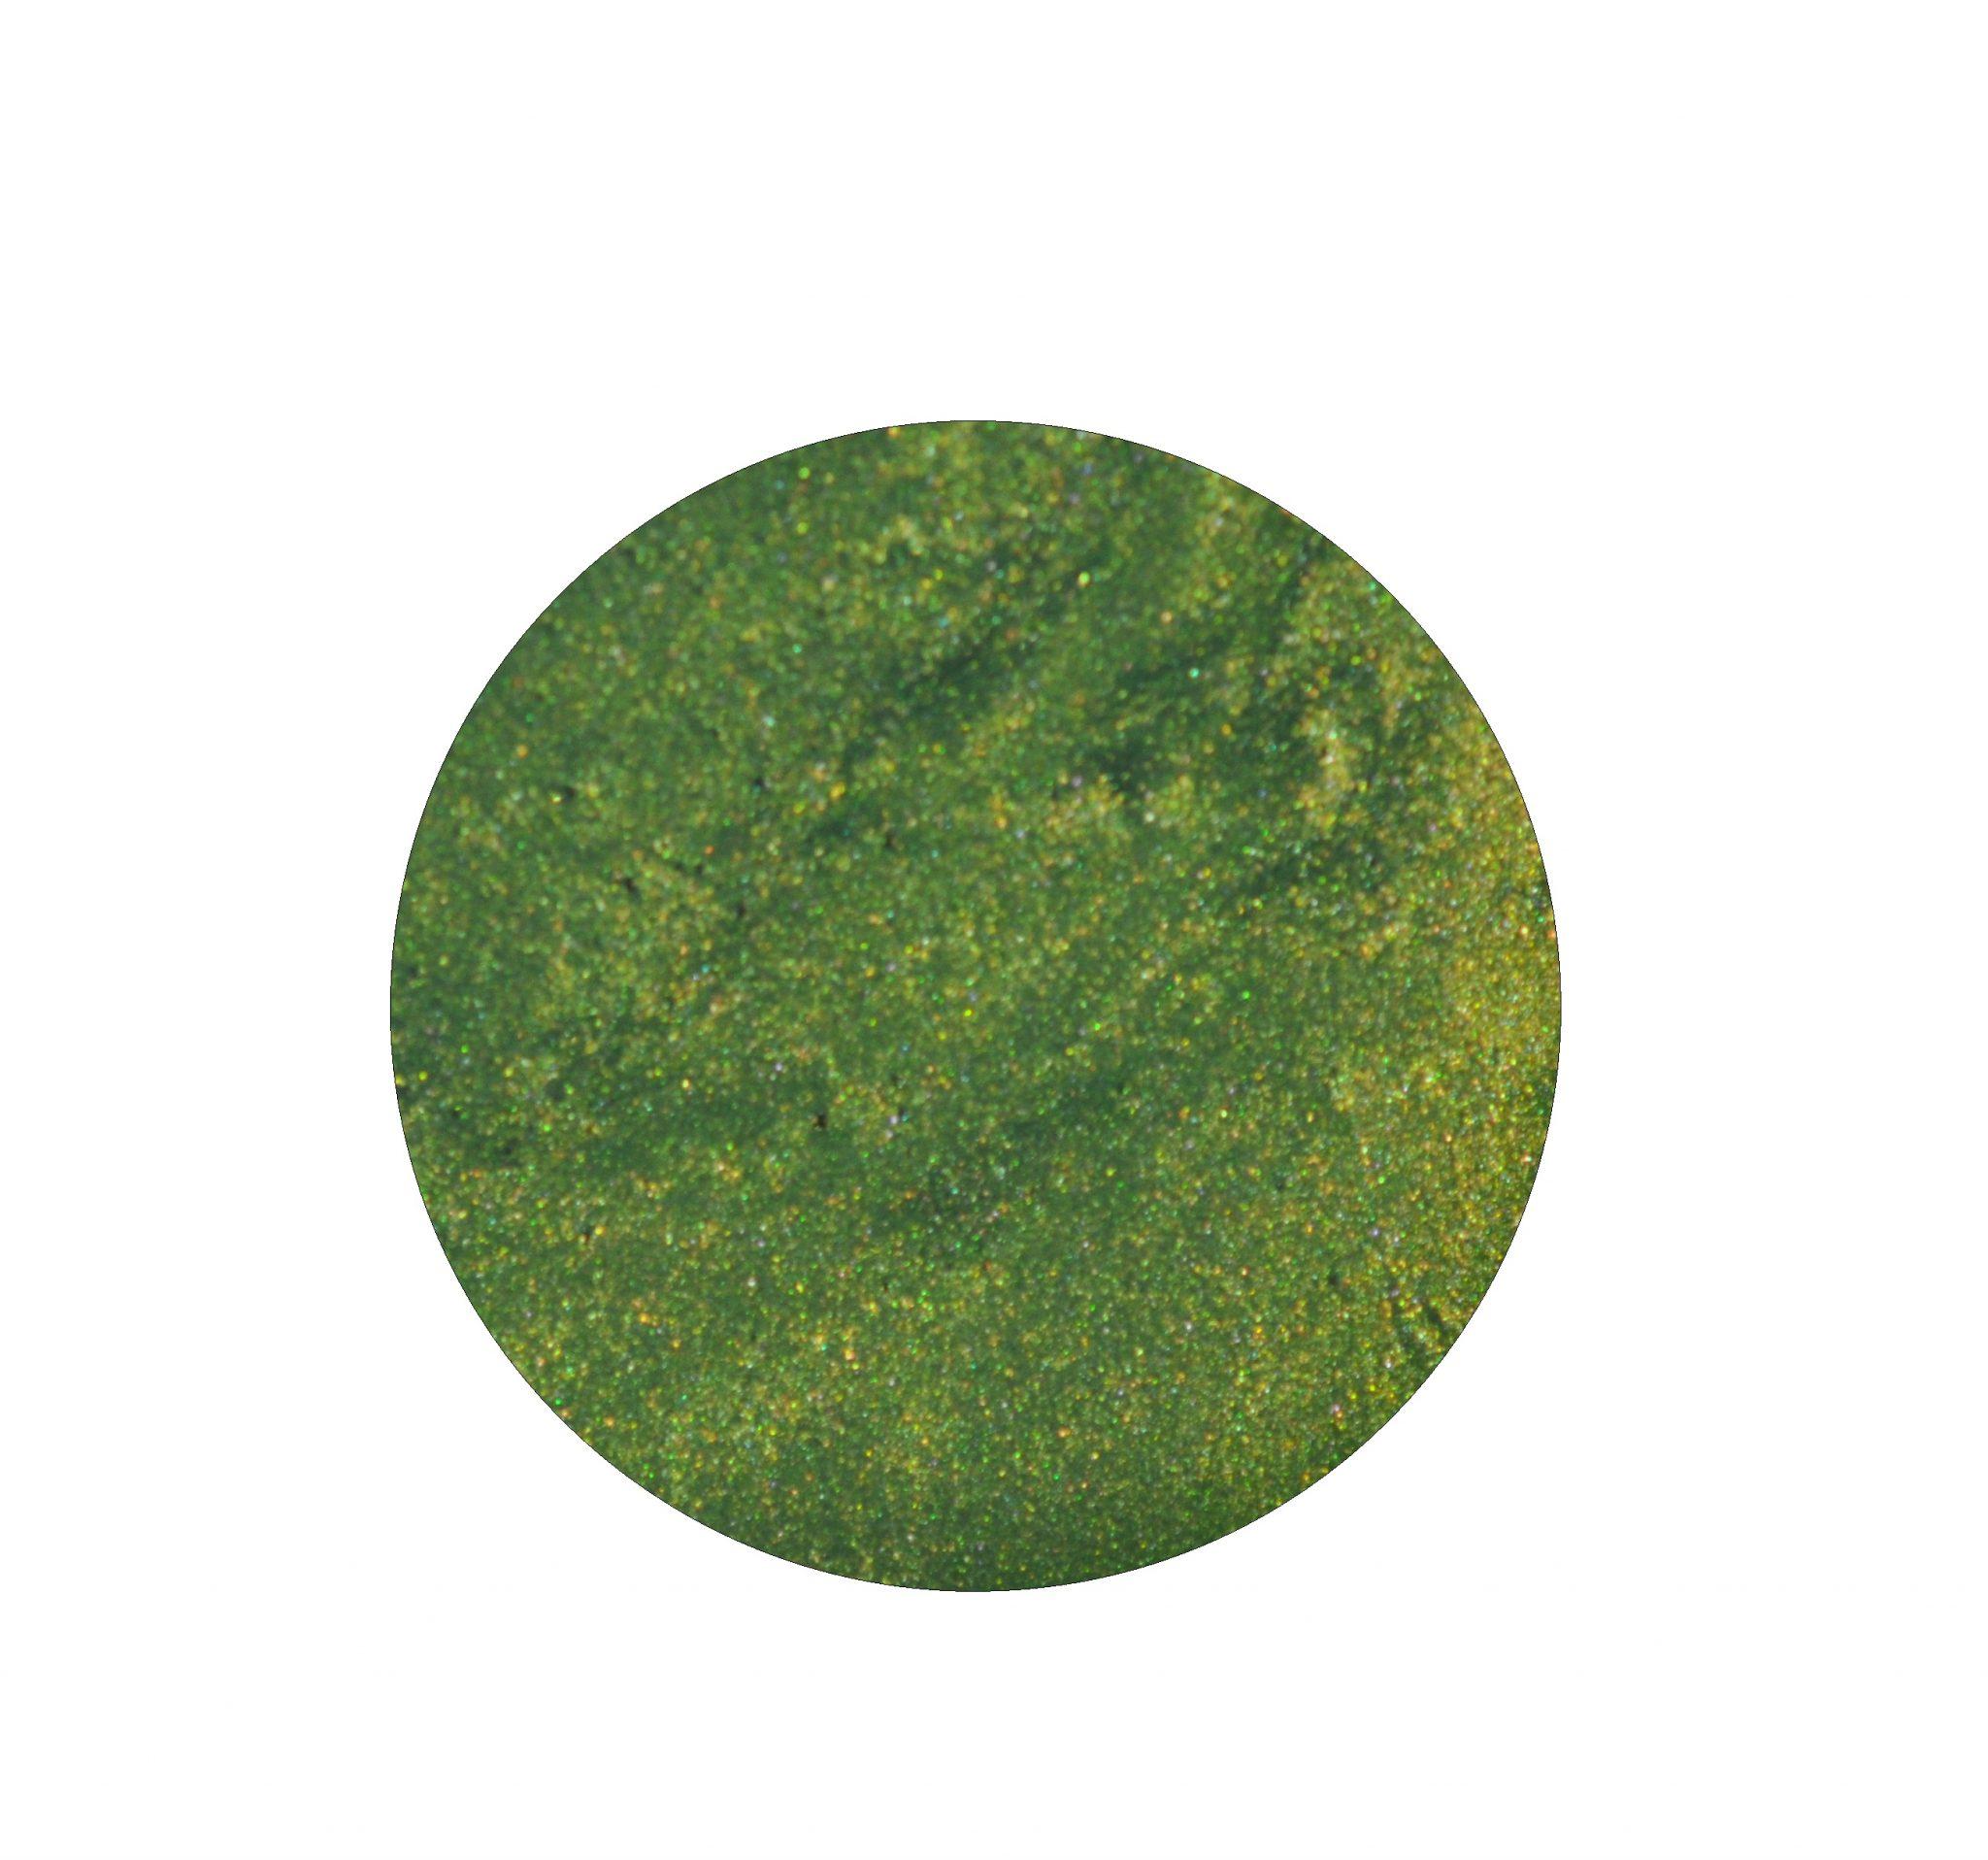 ゴッホアクリルカラー 緑金 GO37